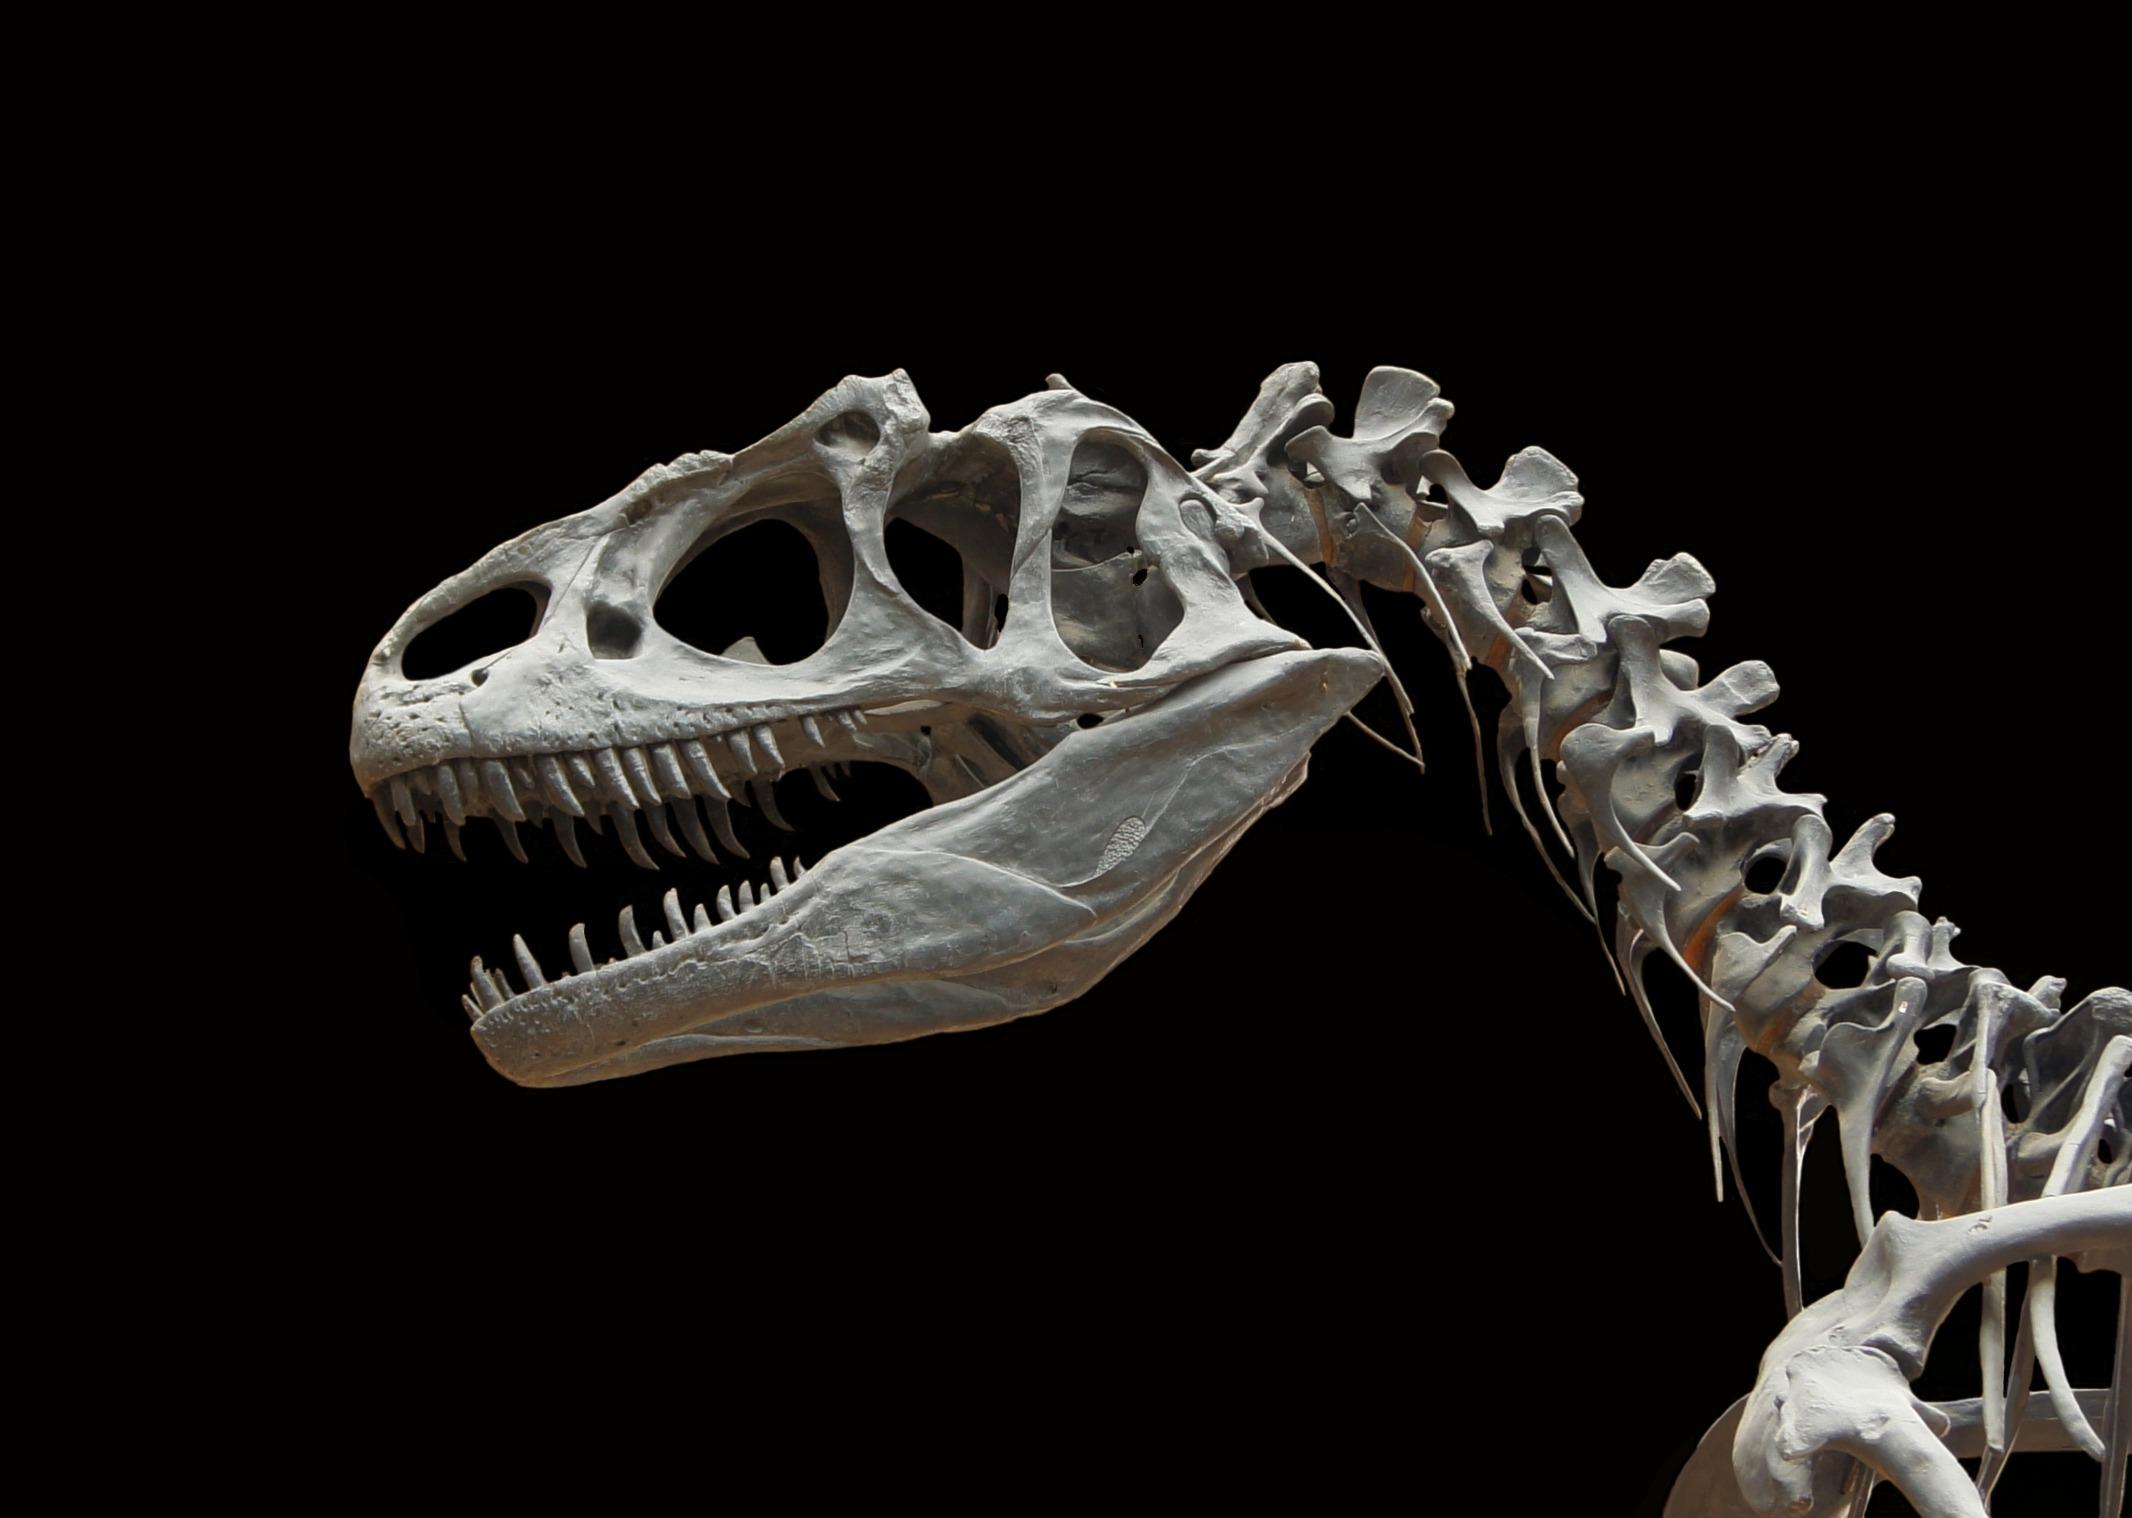 101+ Gambar Tulang Dinosaurus HD